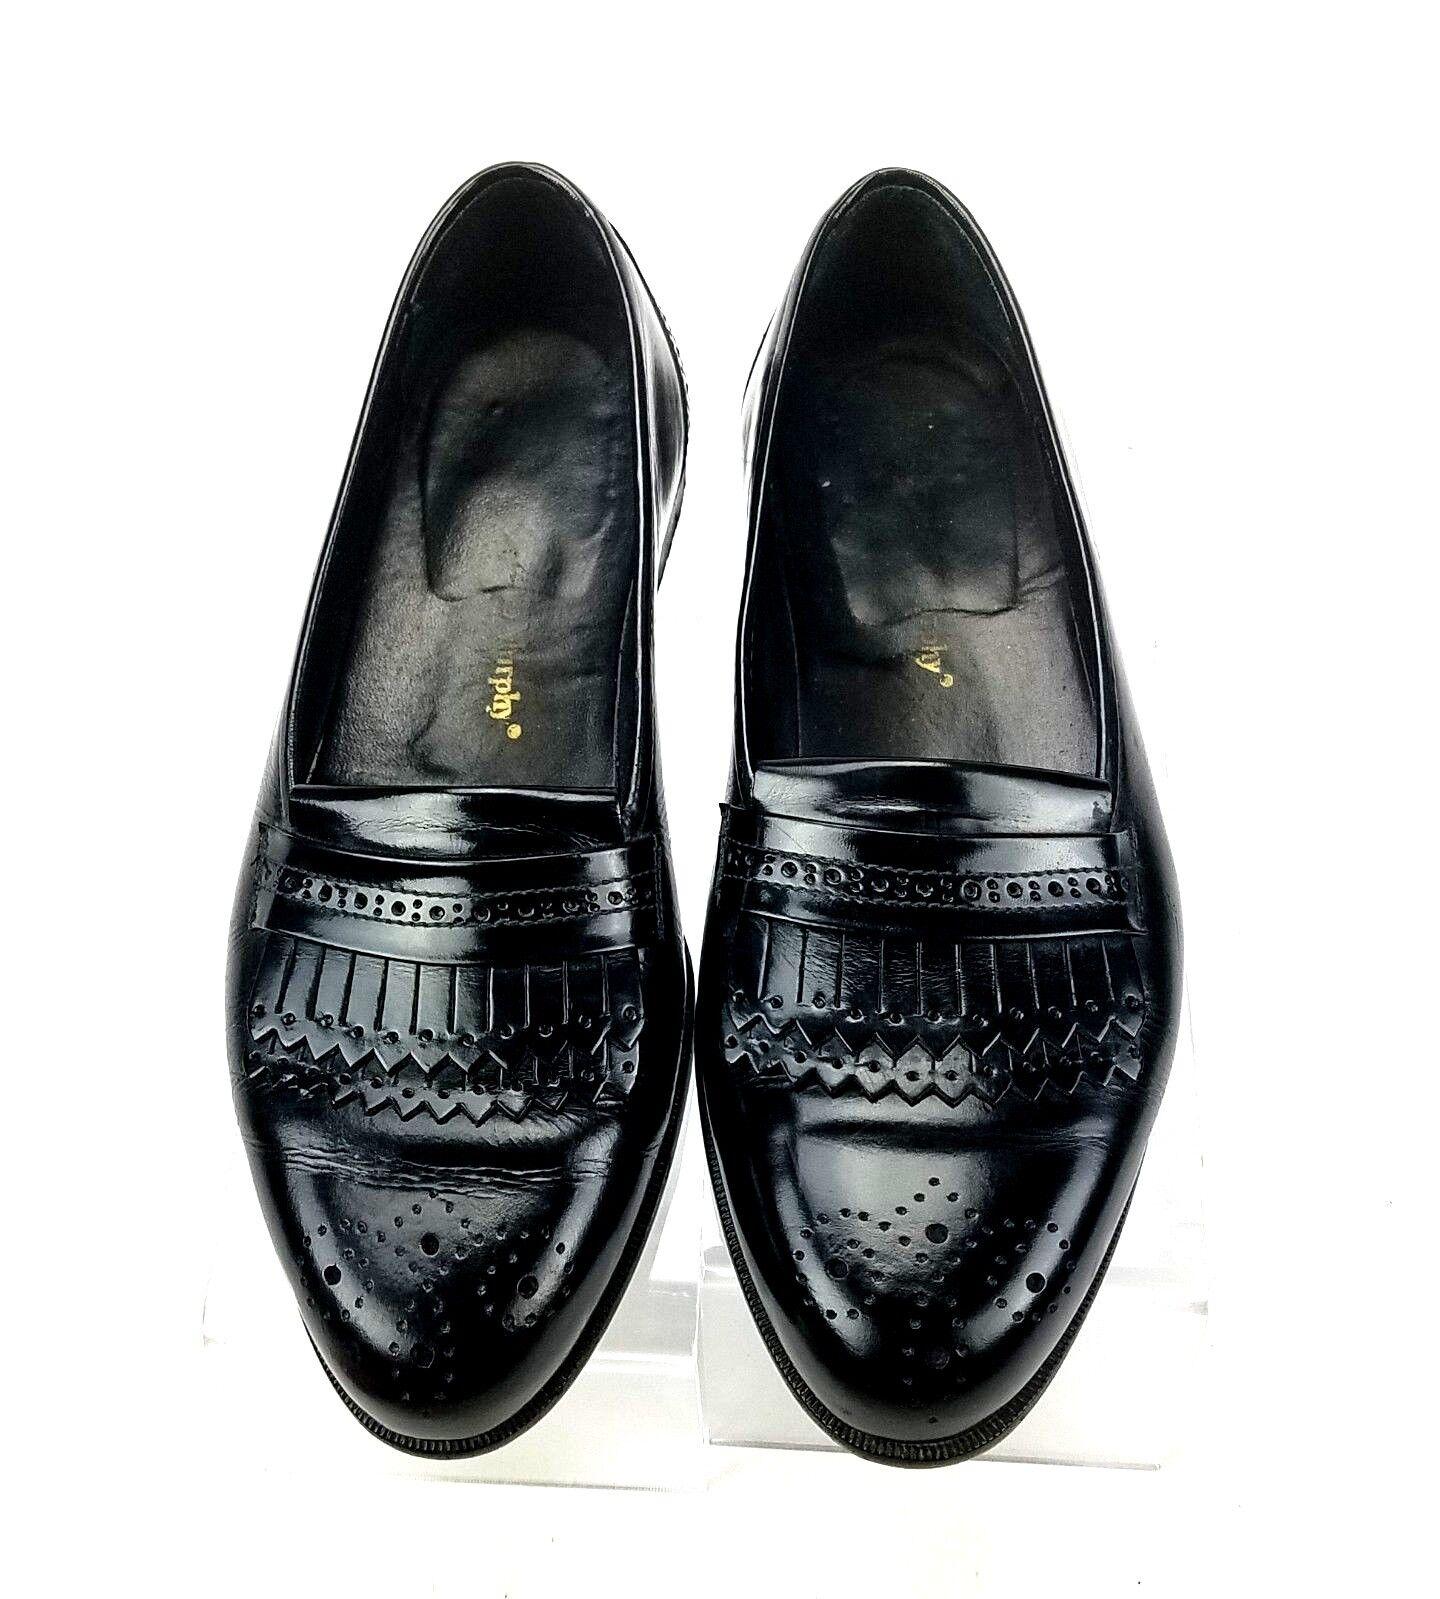 Johnston & Murphy Men's 8 W Black Double Kiltie Brogue Details Slip On Loafer